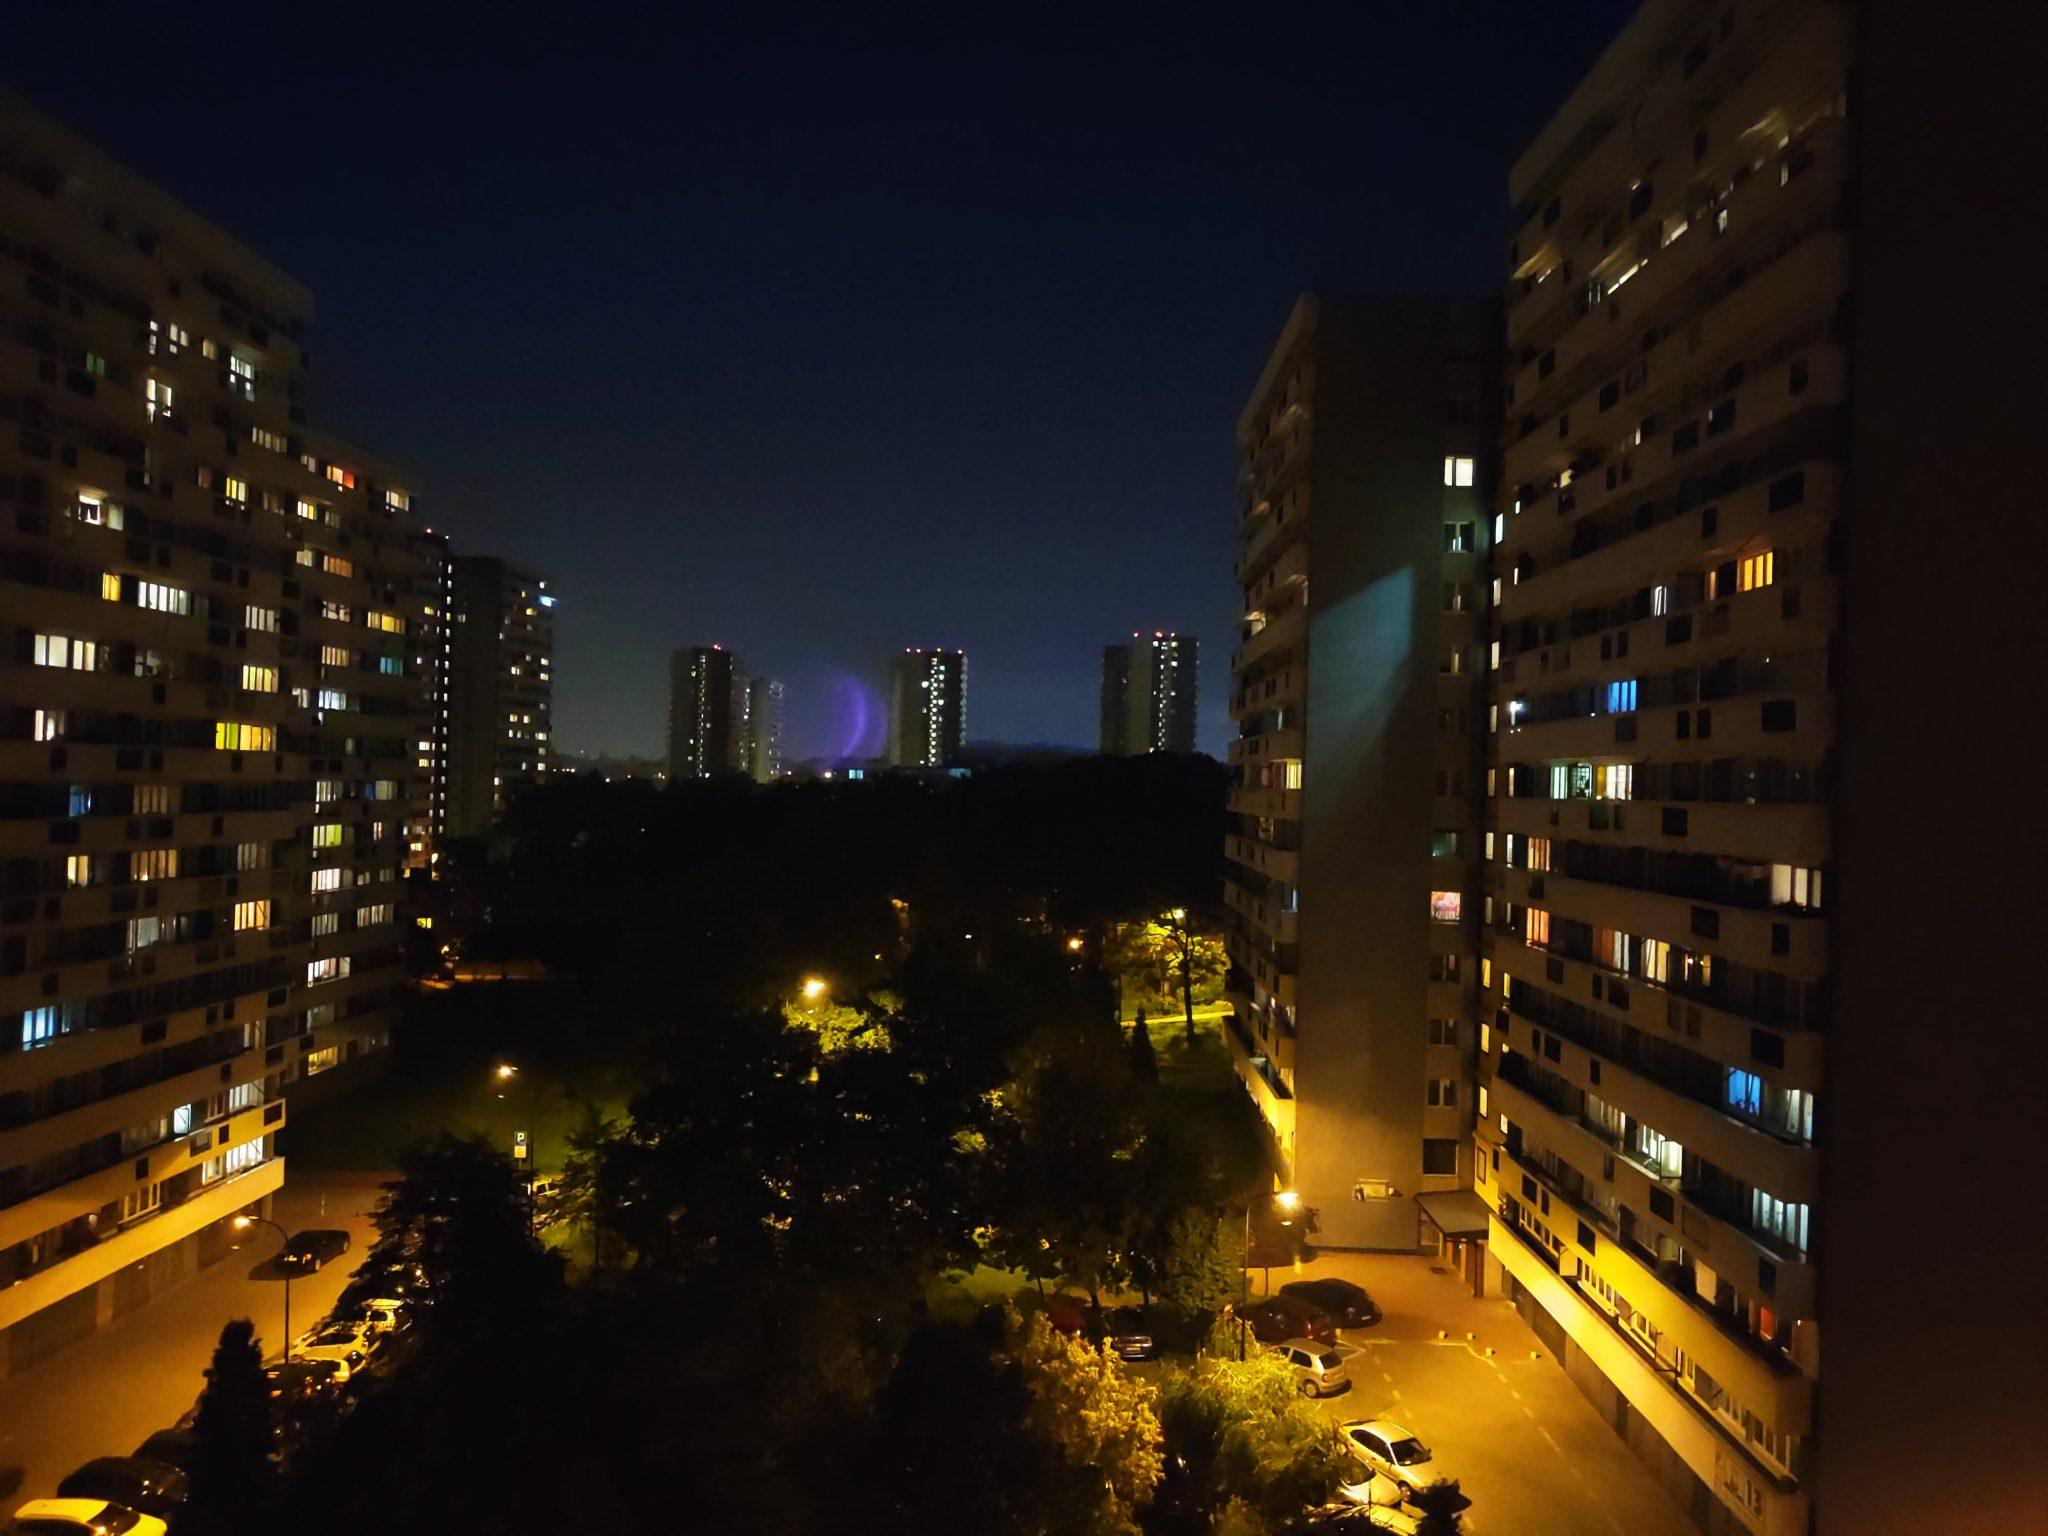 Zdjęcia nocne - Xiaomi Mi 9